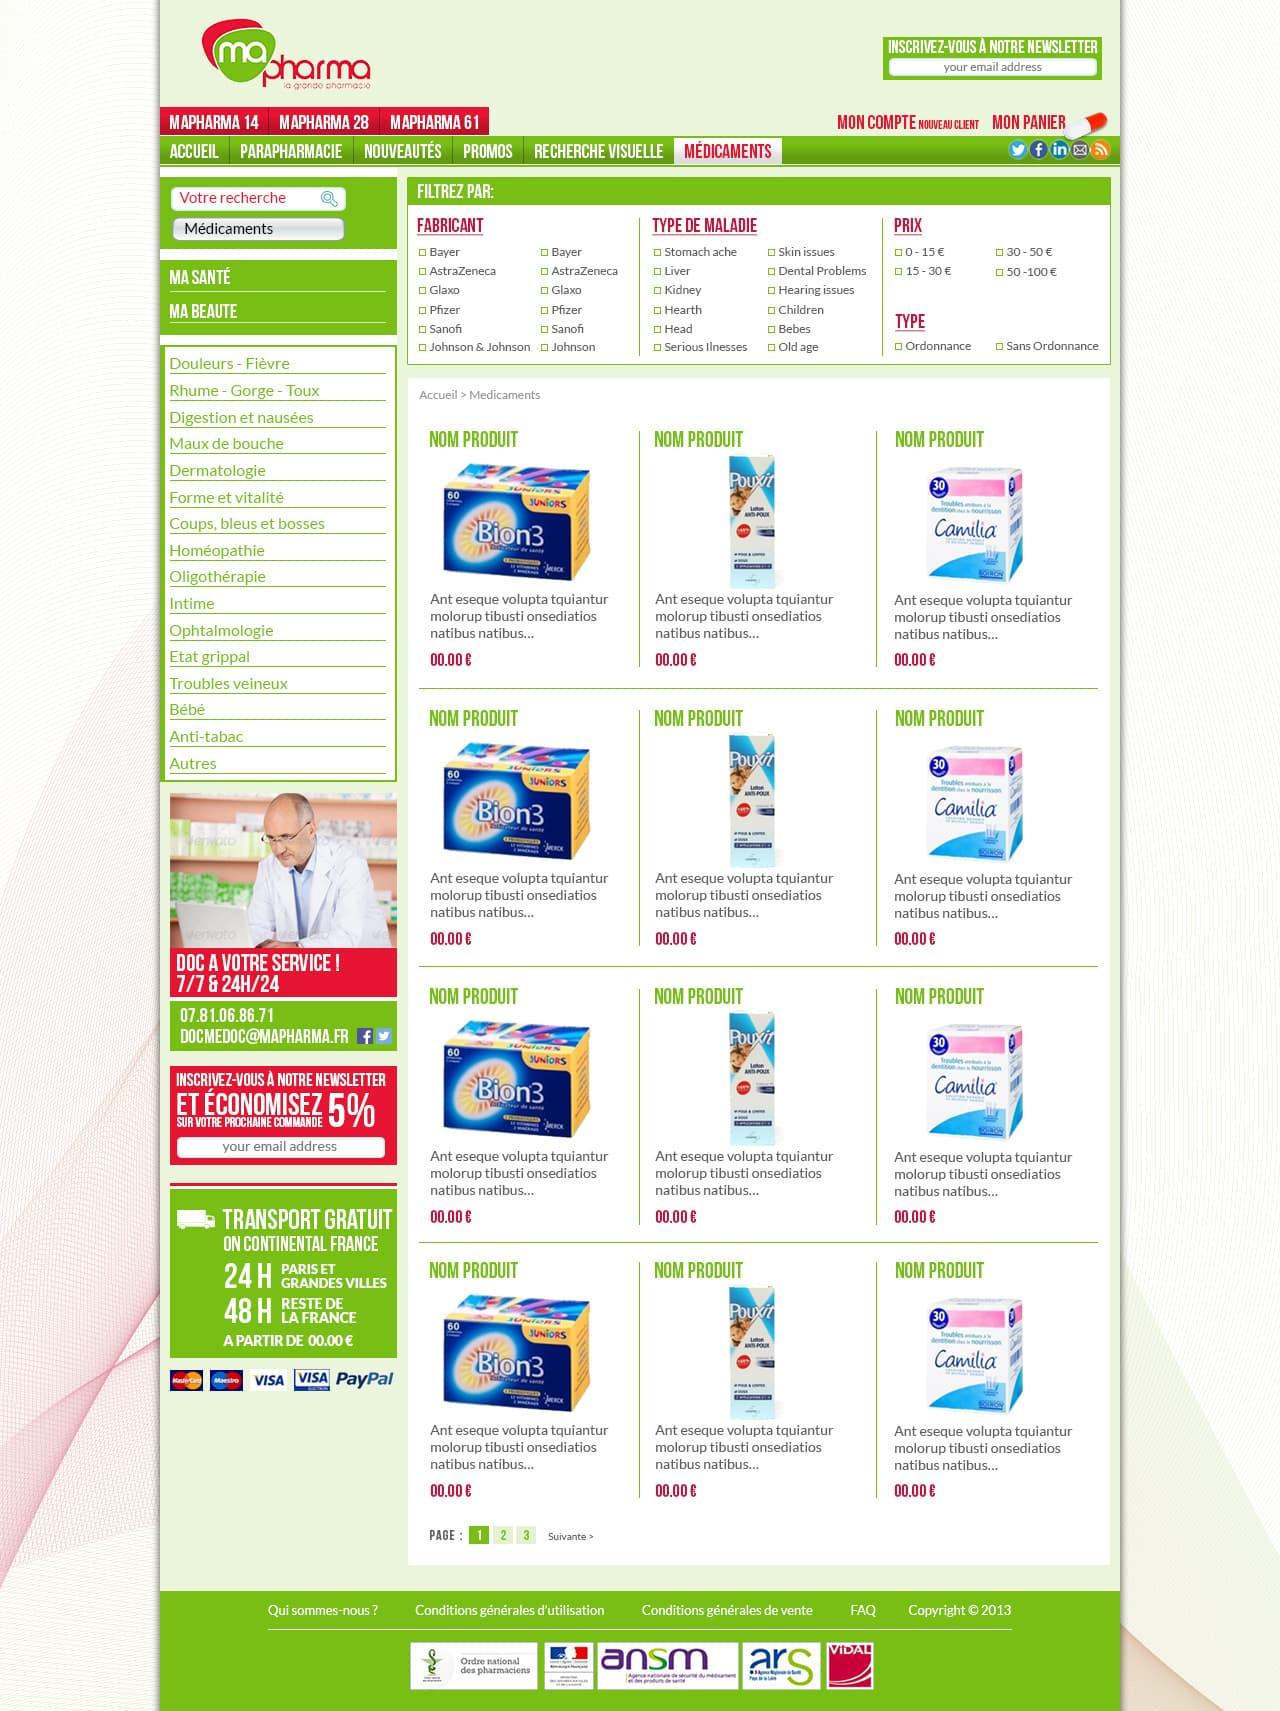 Photo du site Site marchand Ma ¨Pharma